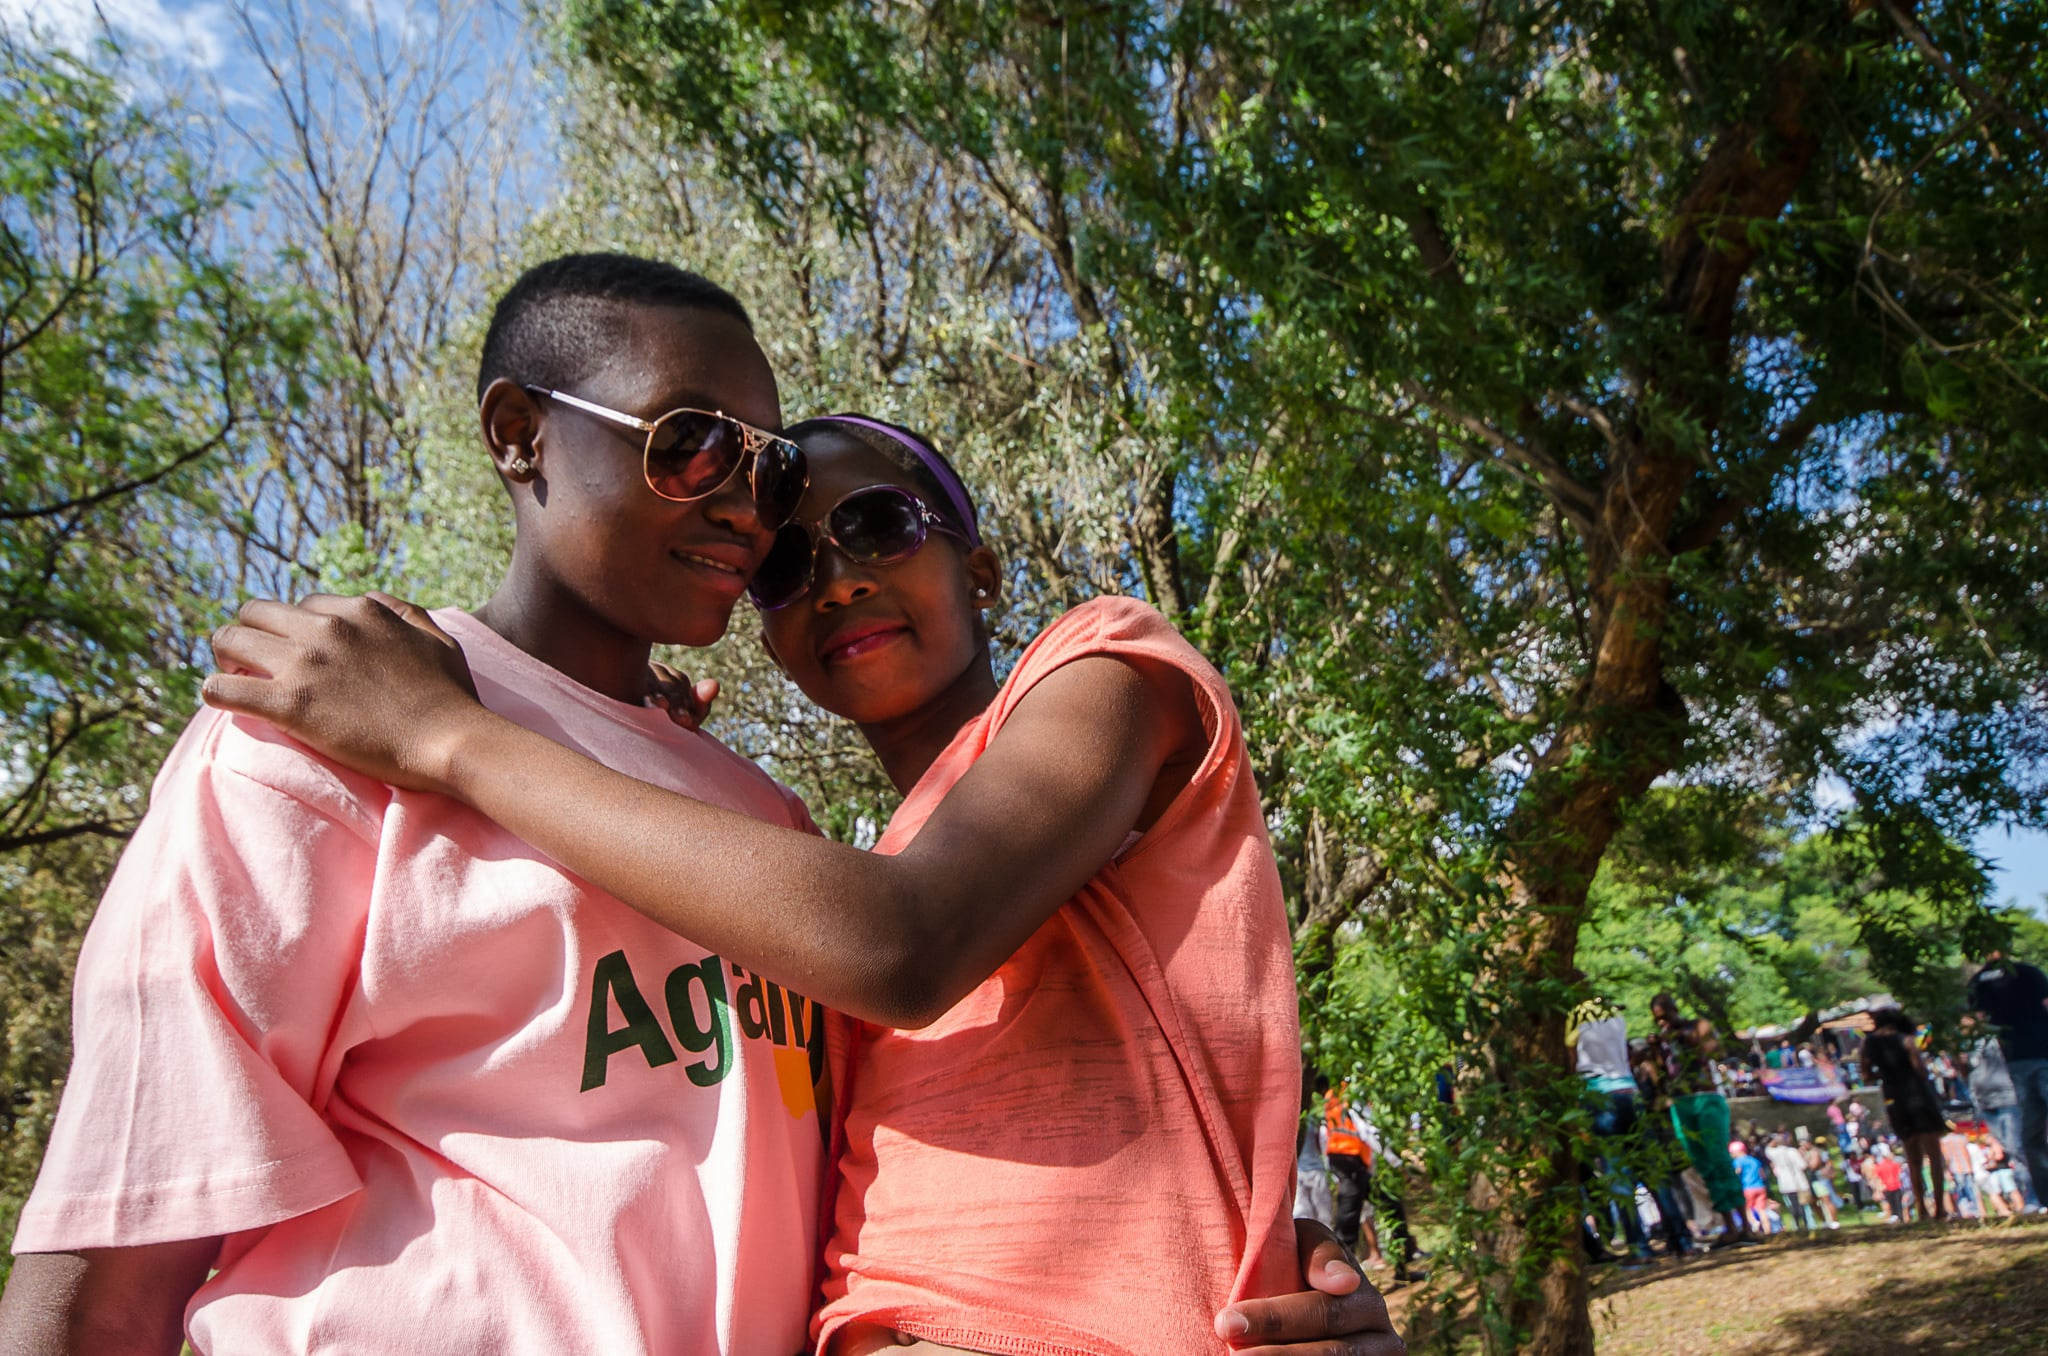 Un gay pride a Johannesburg. Foto dell'utente Flickr, Niko Knigge. Pubblicata in licenza CC